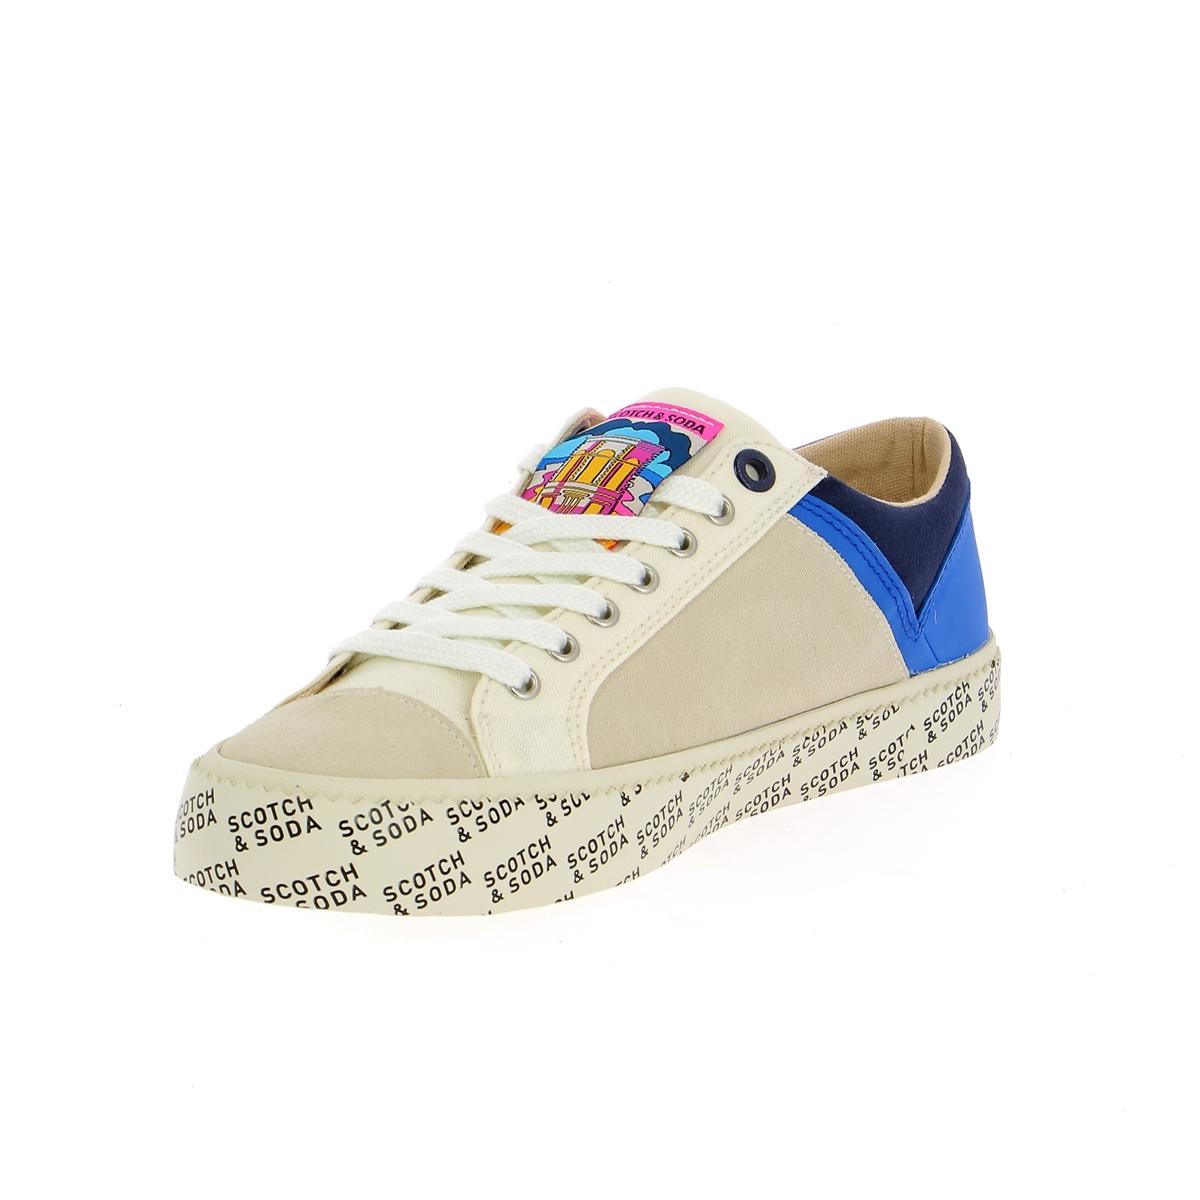 Scotch & Soda Sneakers wit